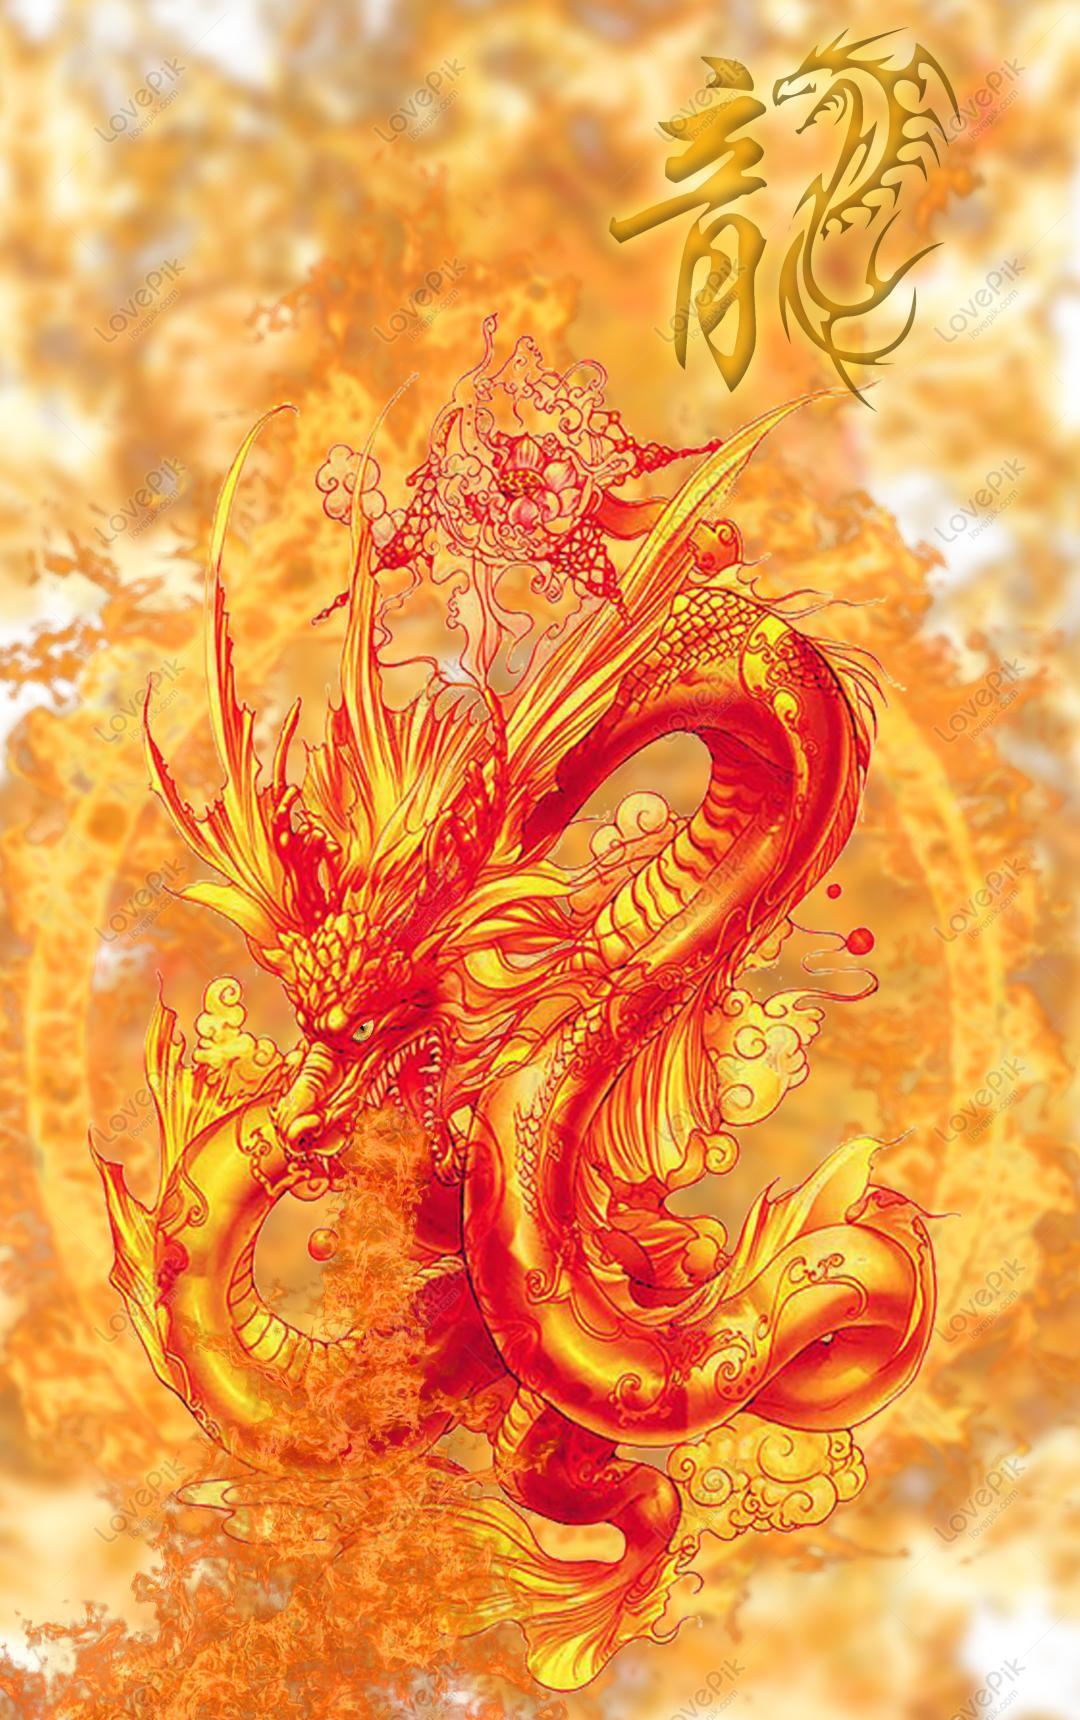 Ide Wallpaper Hd Naga Cina Api Gambar Unduh Gratis Grafik 732459055 Format Gambar Psd Lovepik Com